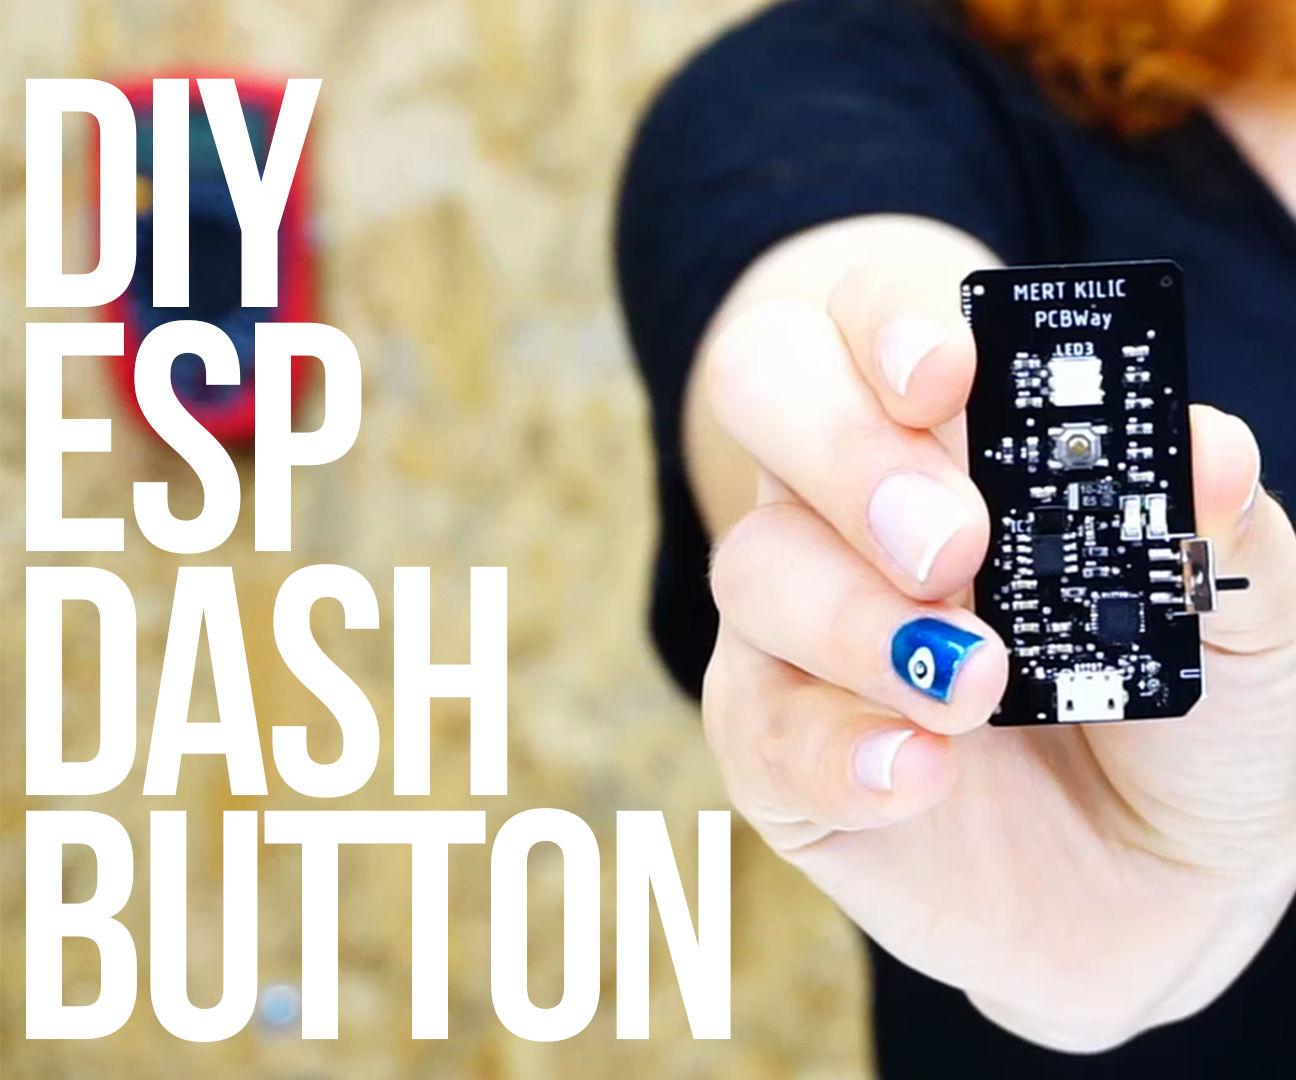 DIY ESP DASH BUTTON | Open-Source IoT Dash Button With IFTTT